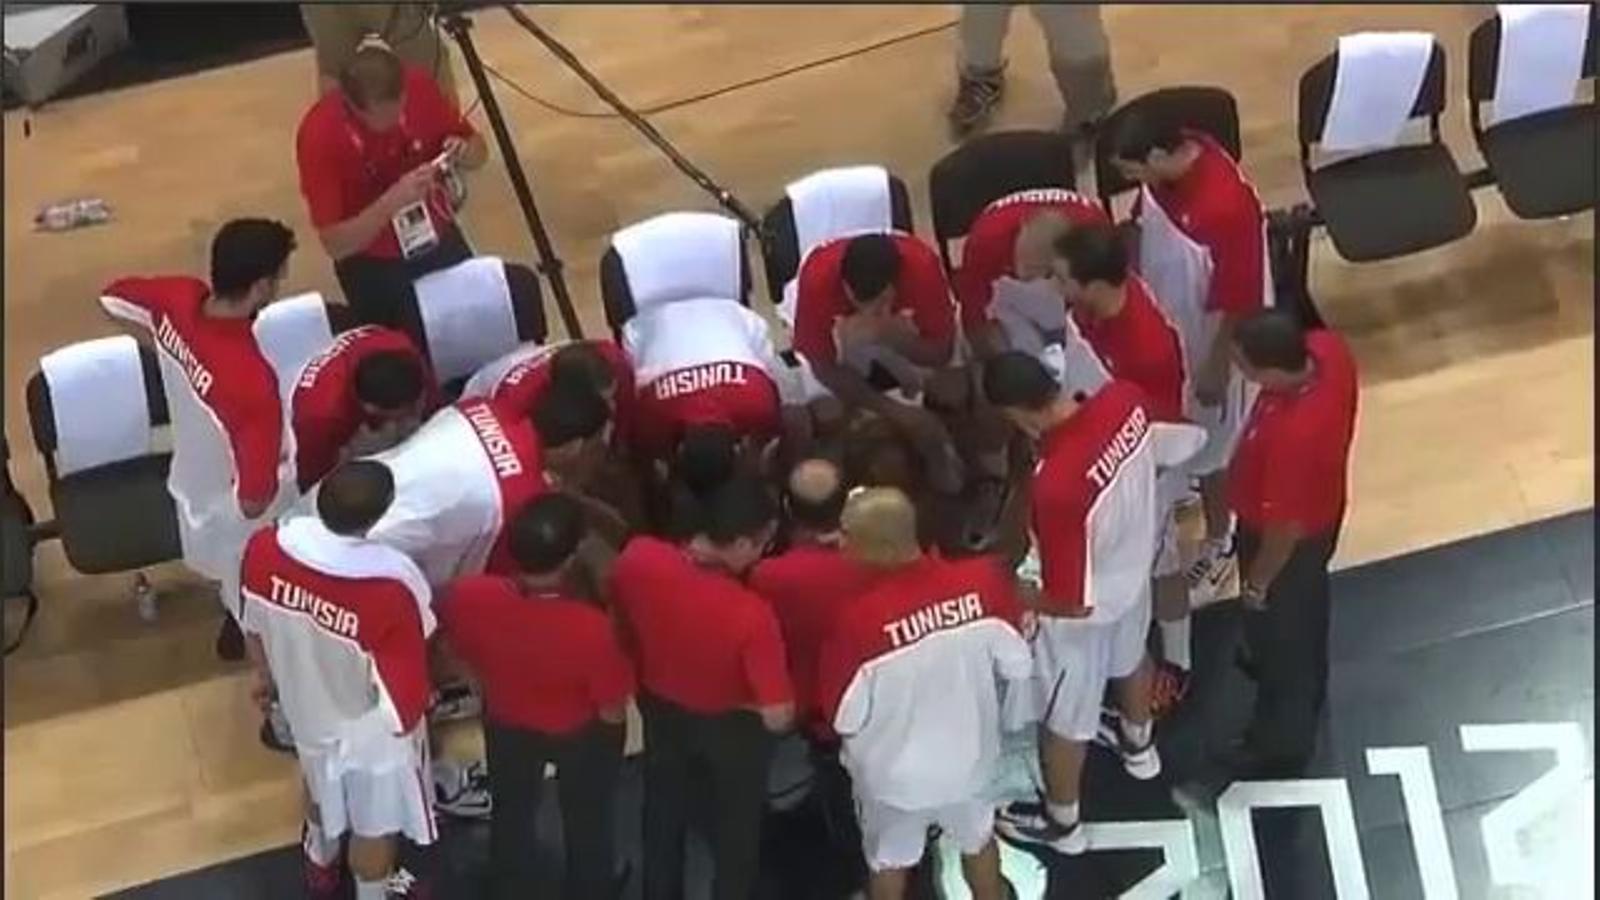 L'entrenador de bàsquet de Tunísia clava un mastegot a un jugador durant un temps mort